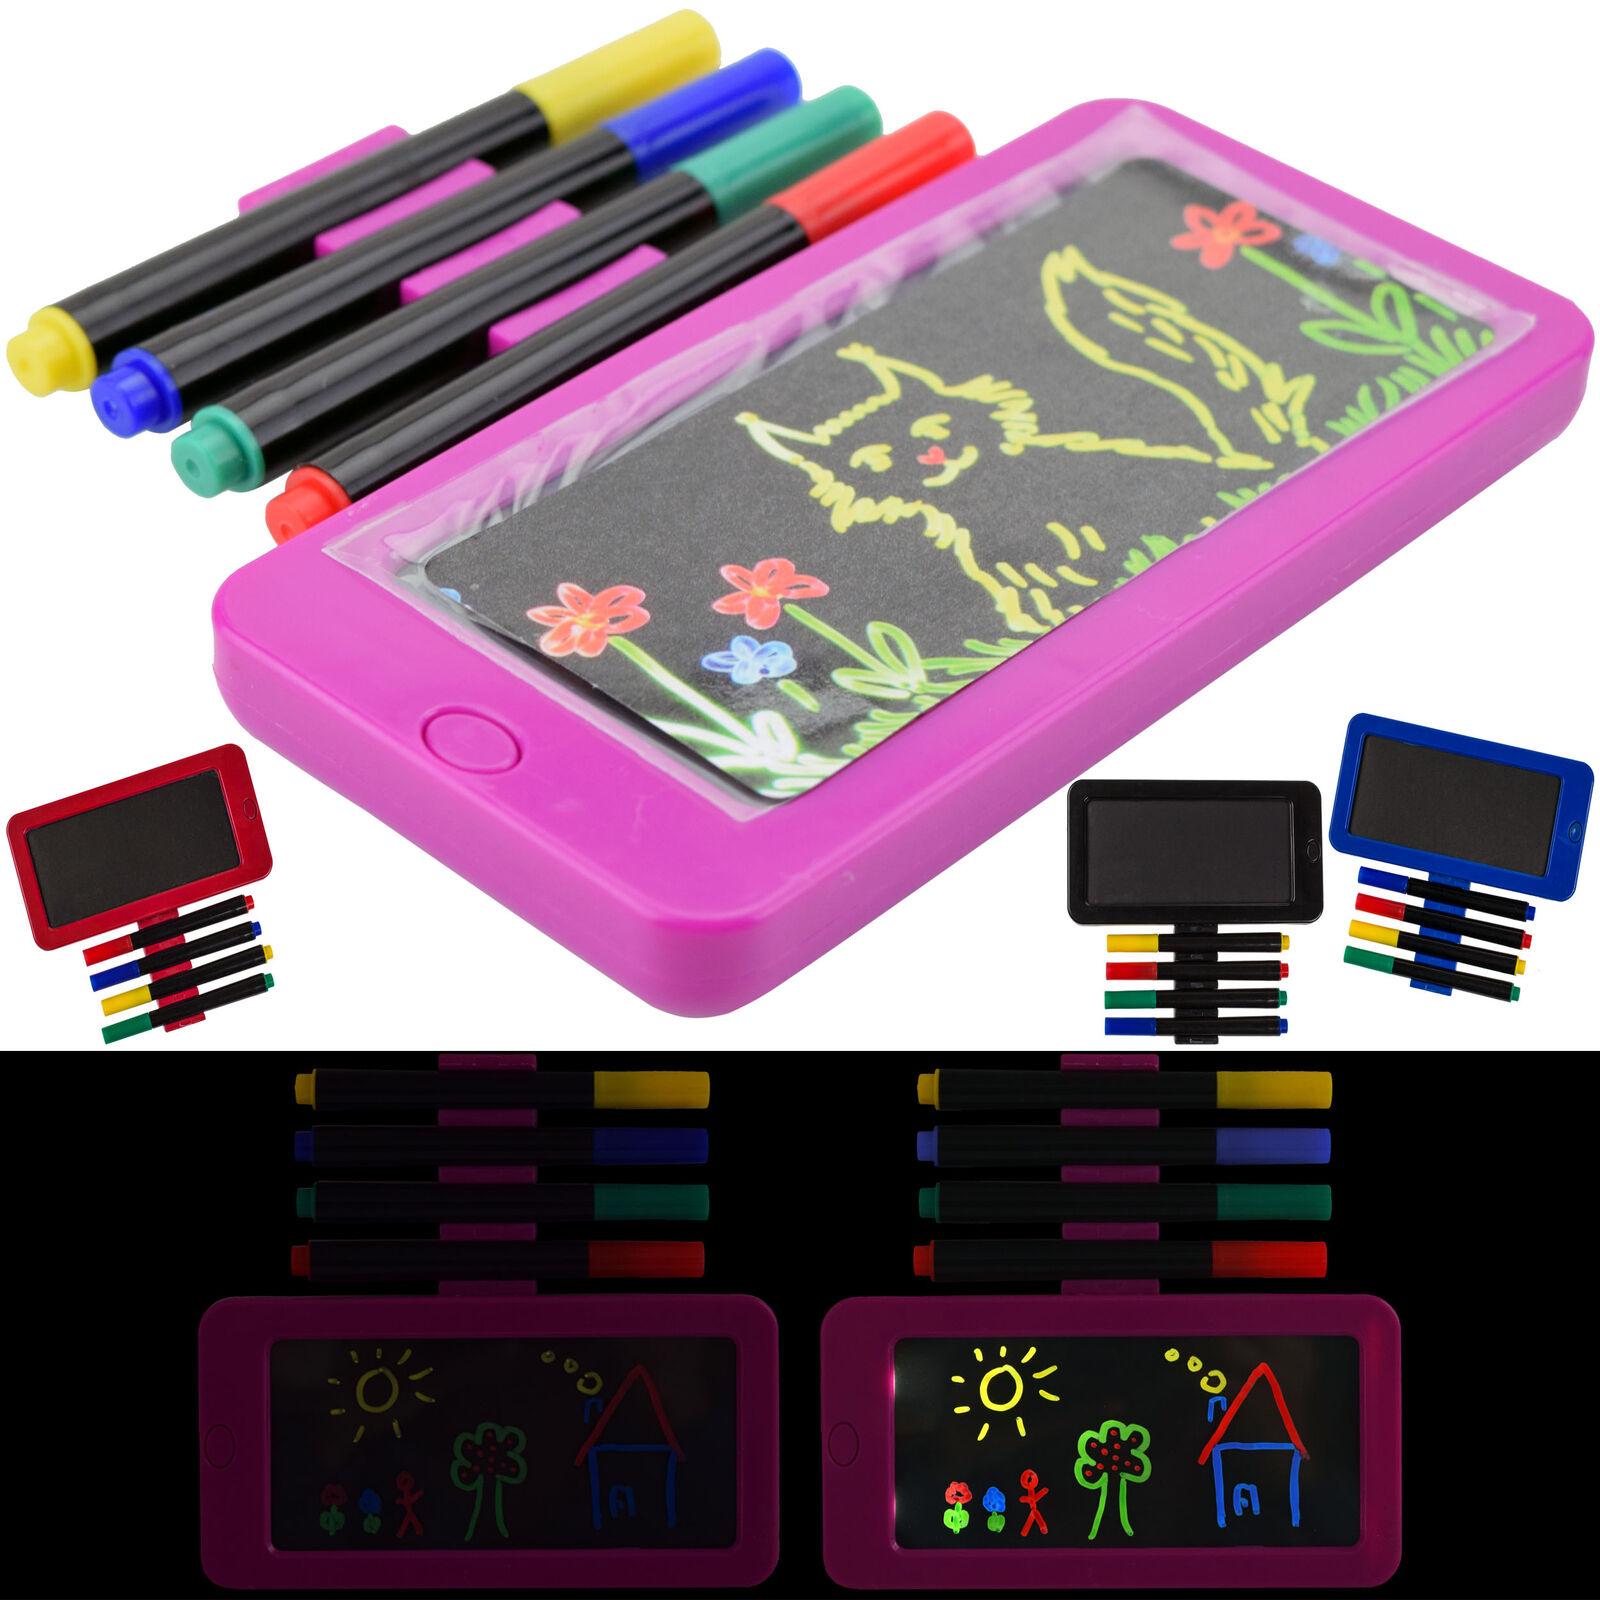 Kinder Zeichnung Malerei Schreibtafel Matte Spielzeug Zaubertafel Zeichentafel